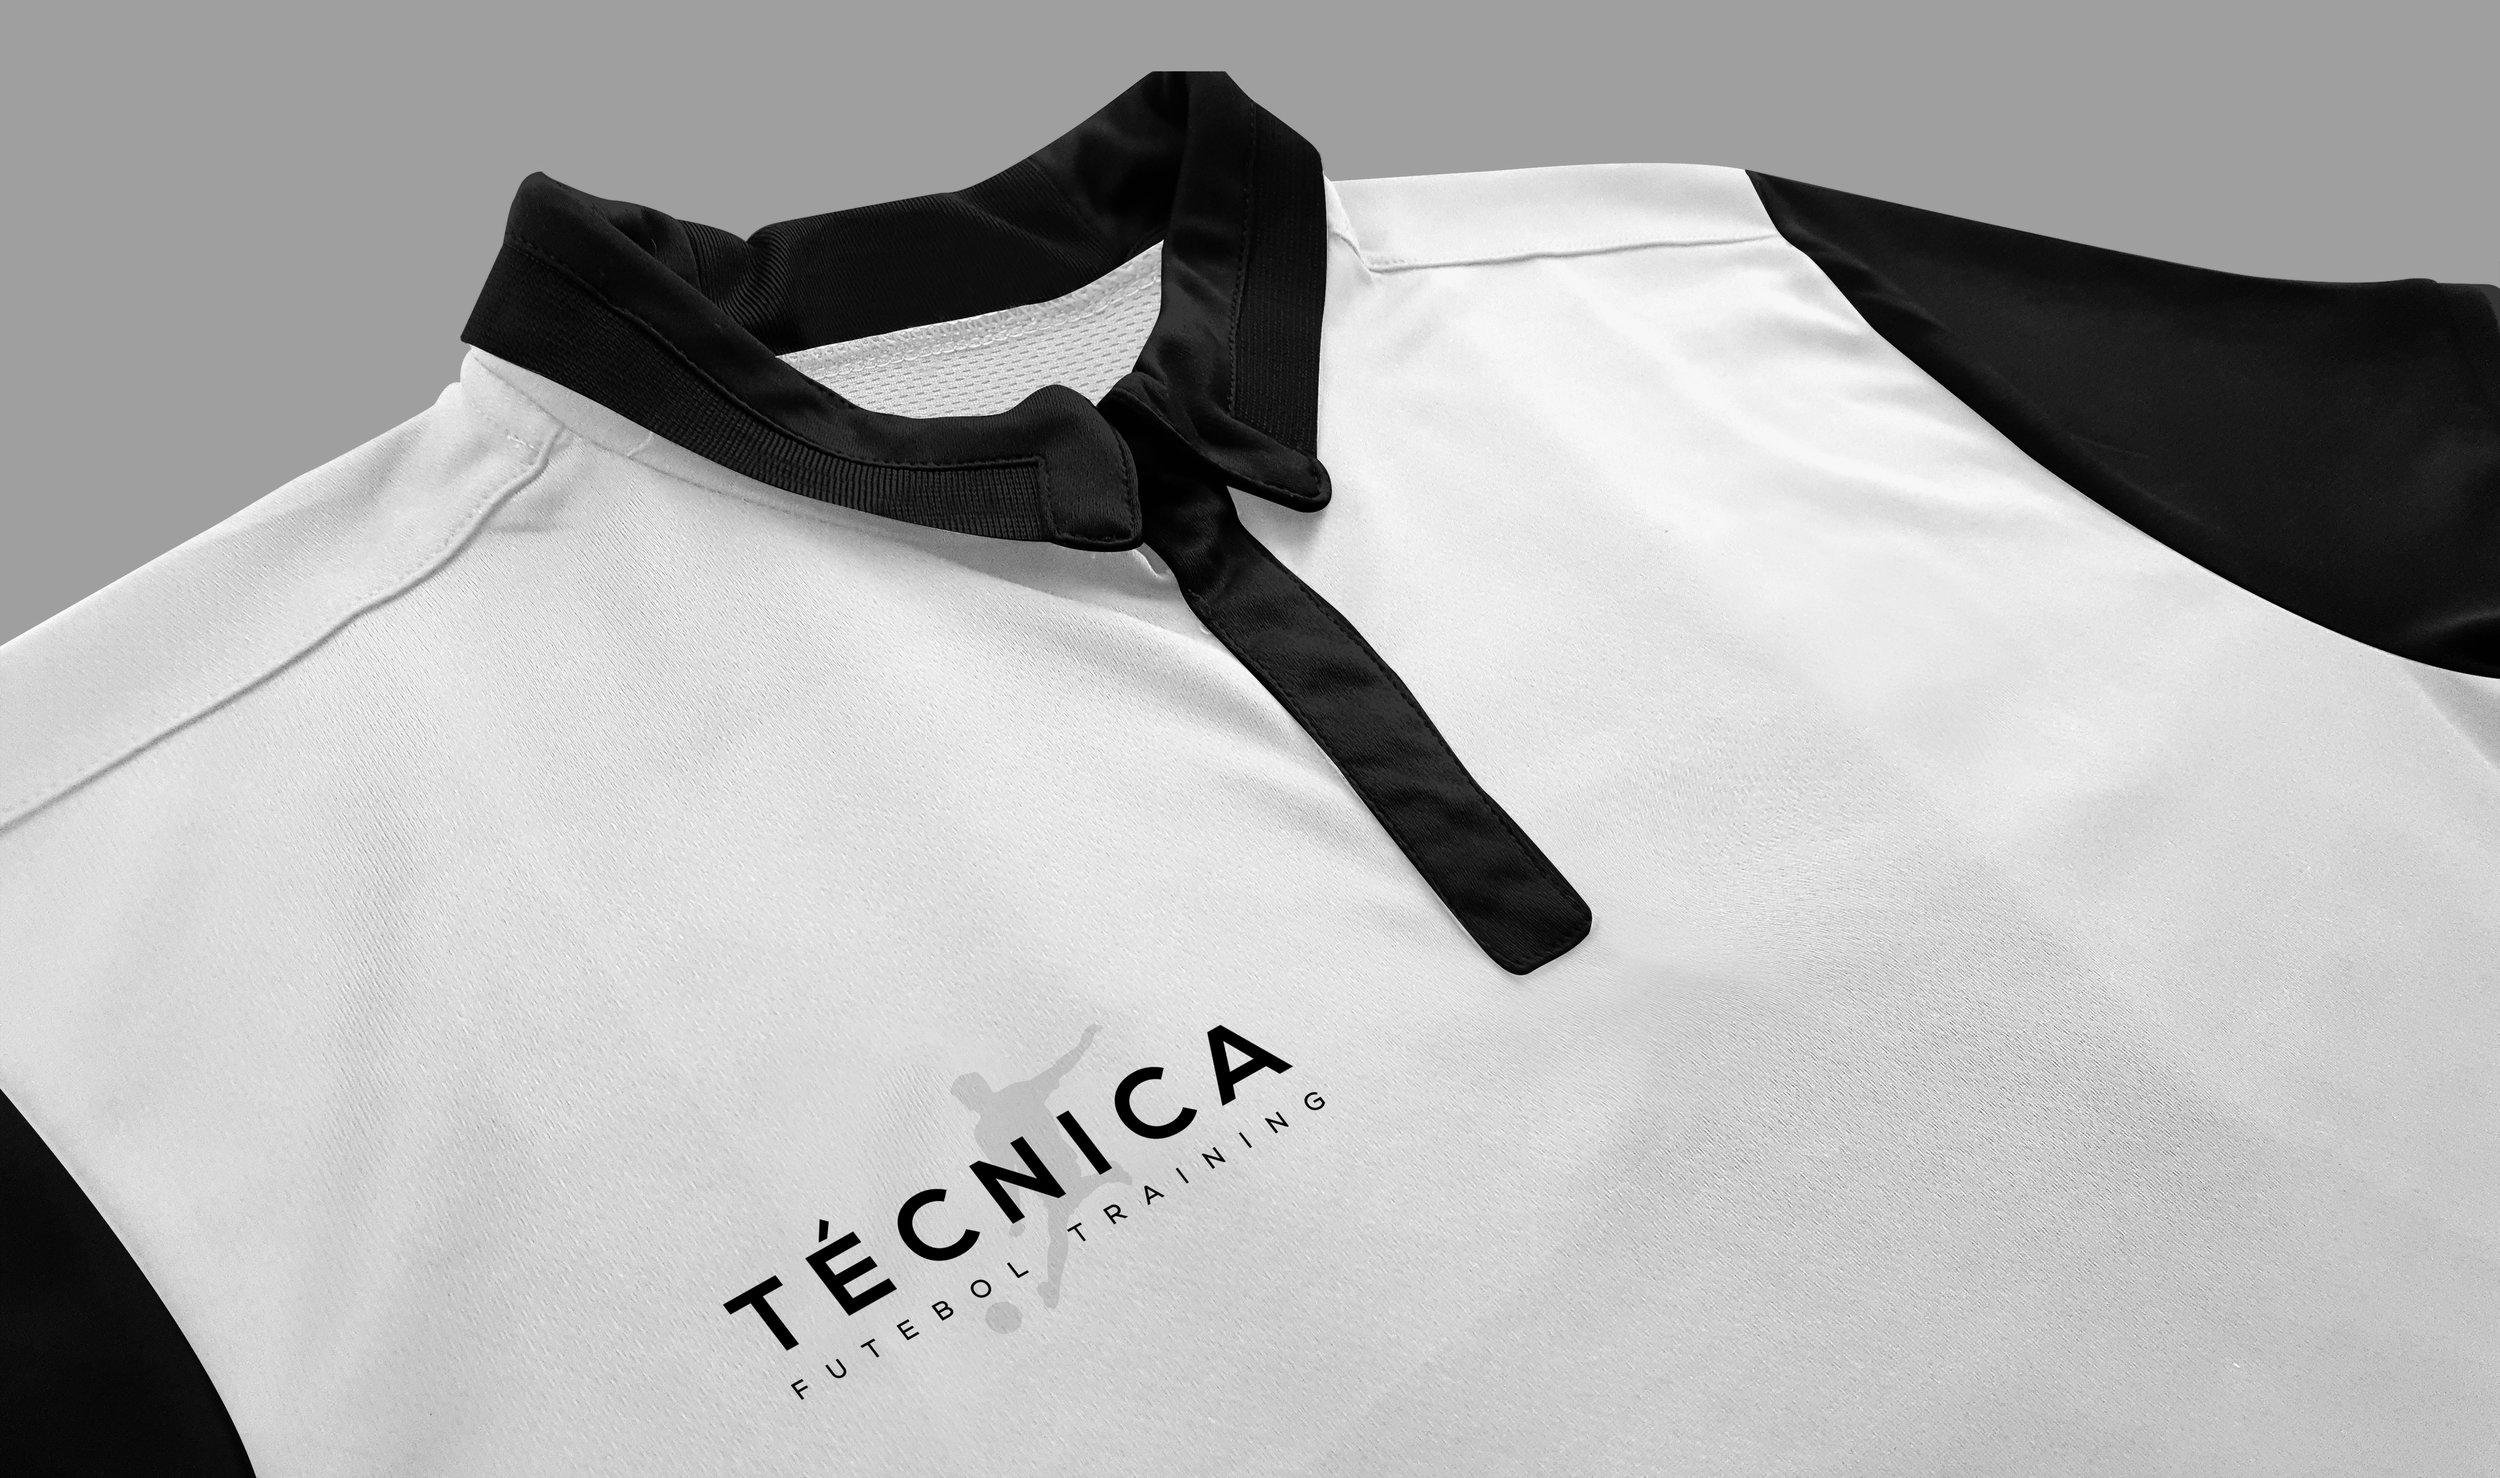 Tecnica6.jpg